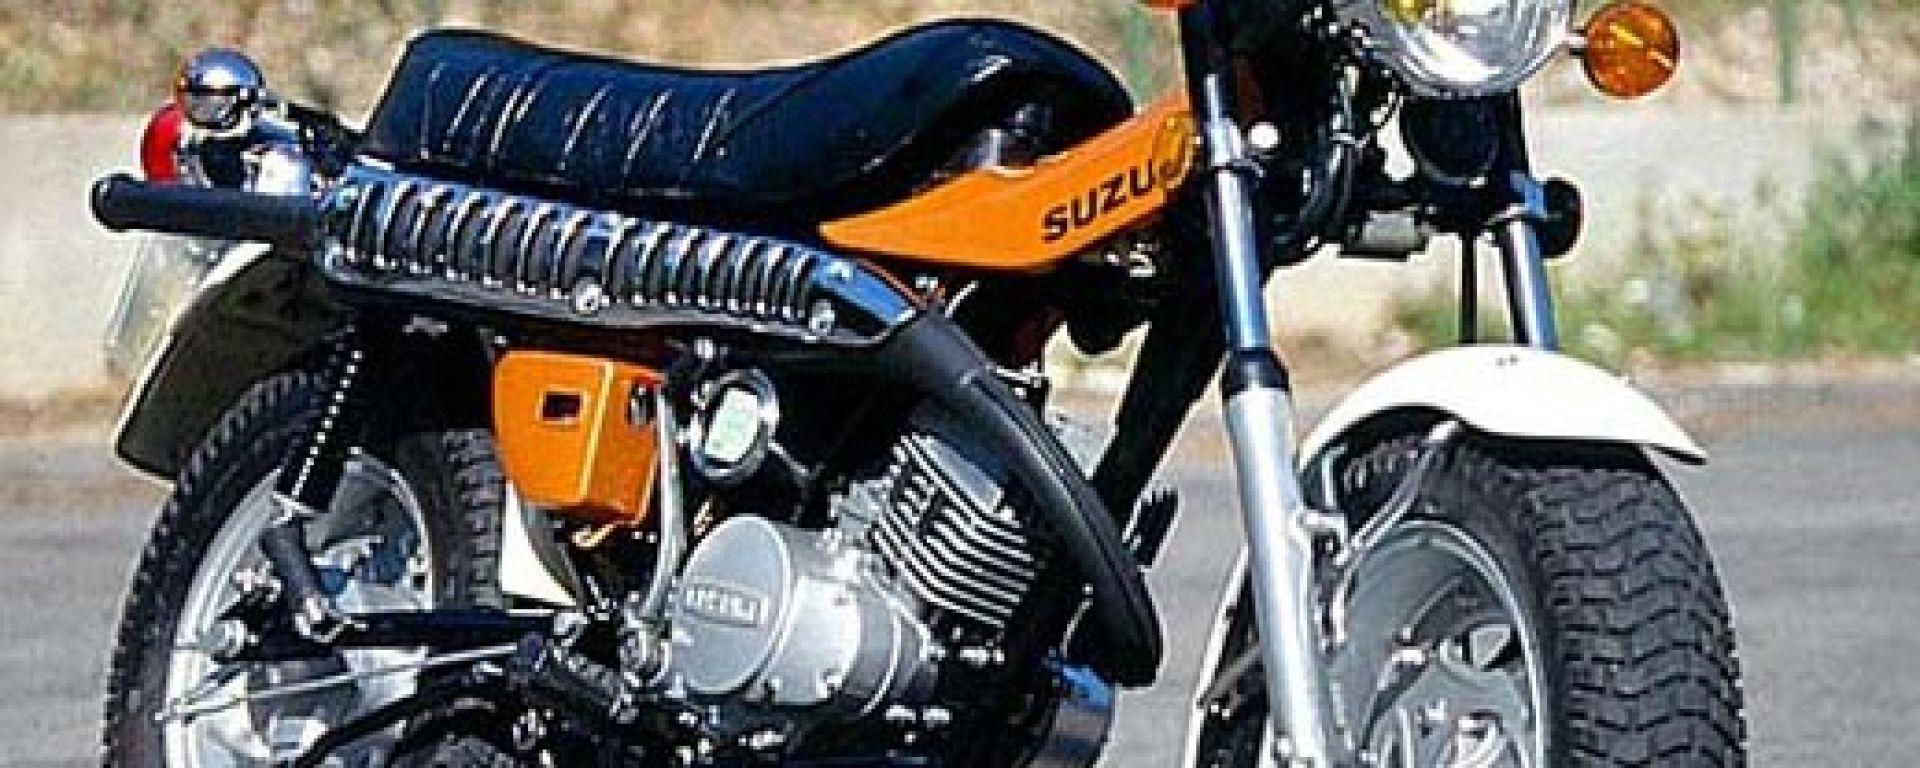 Test Drive: Suzuki RV 125 Van Van - MotorBox